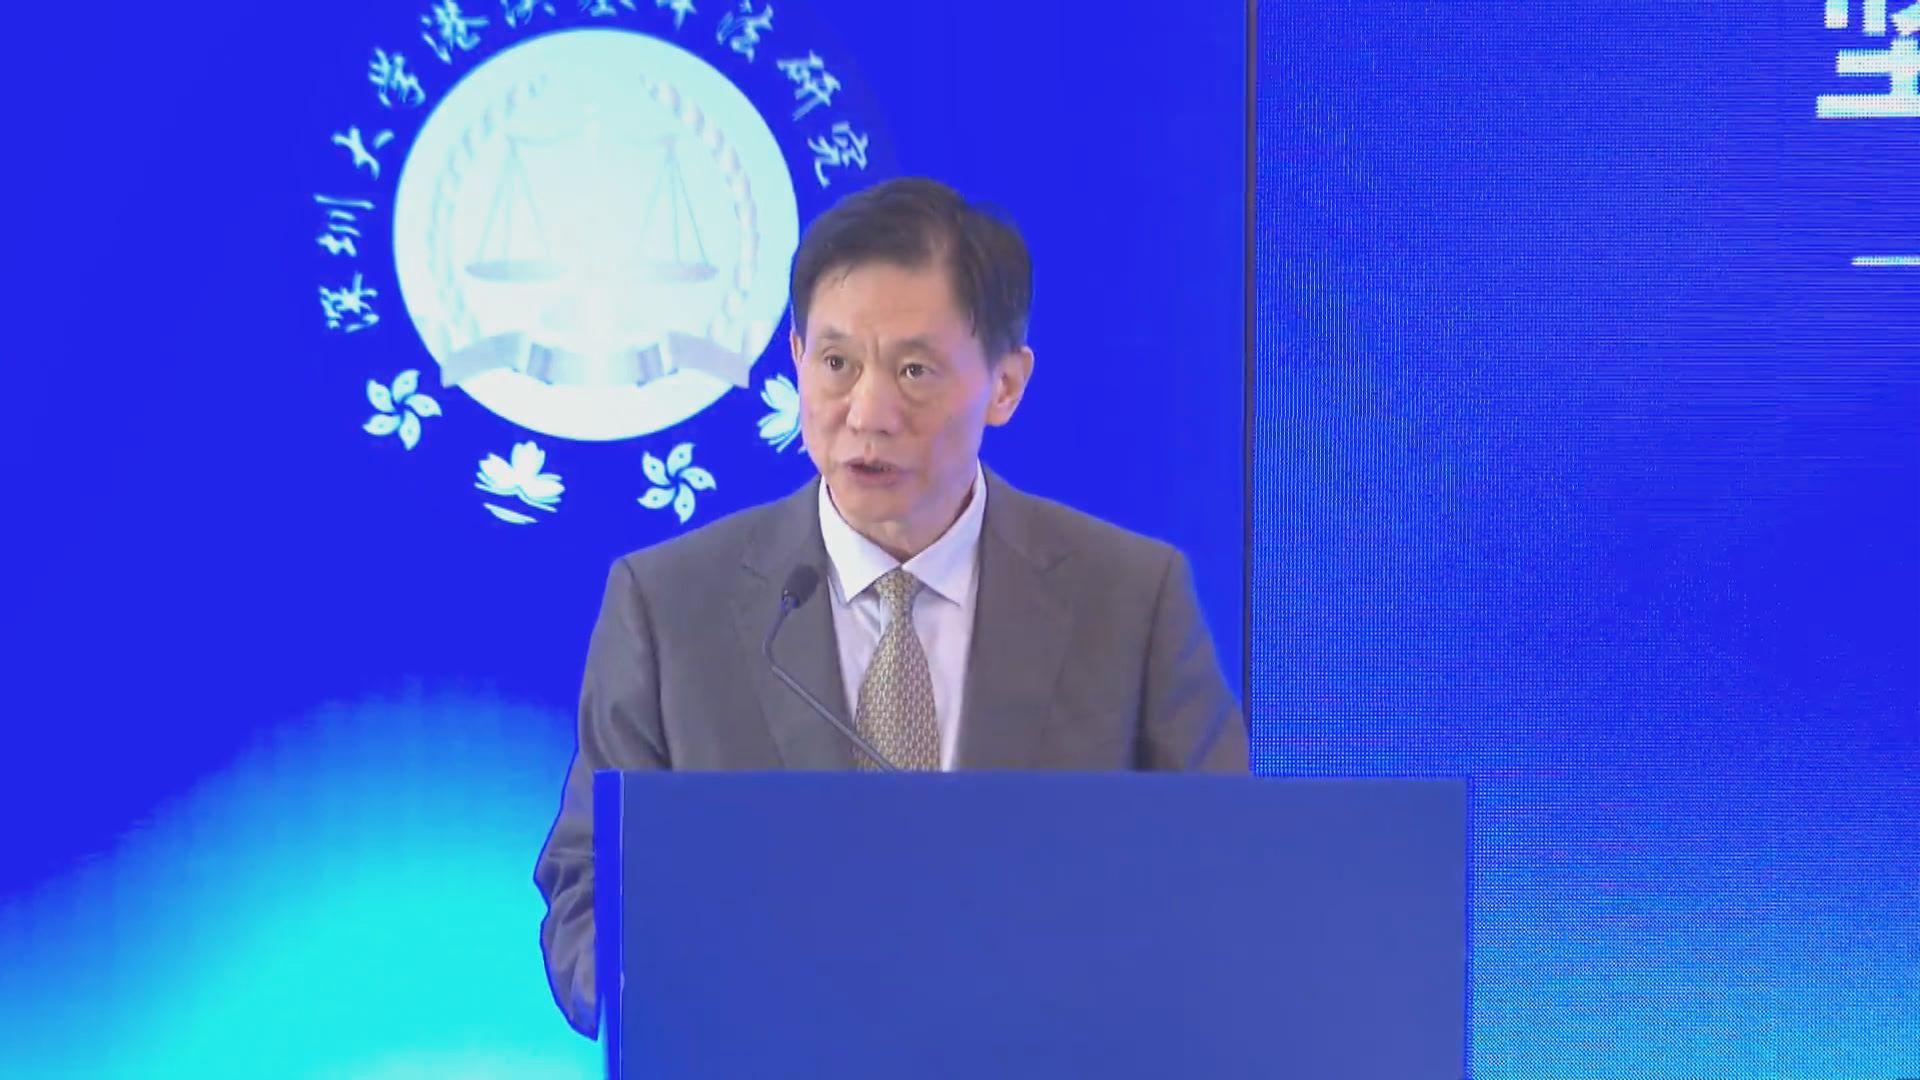 港澳辦副主任:國安法須設強而有力執行機制 港府有主要執法責任